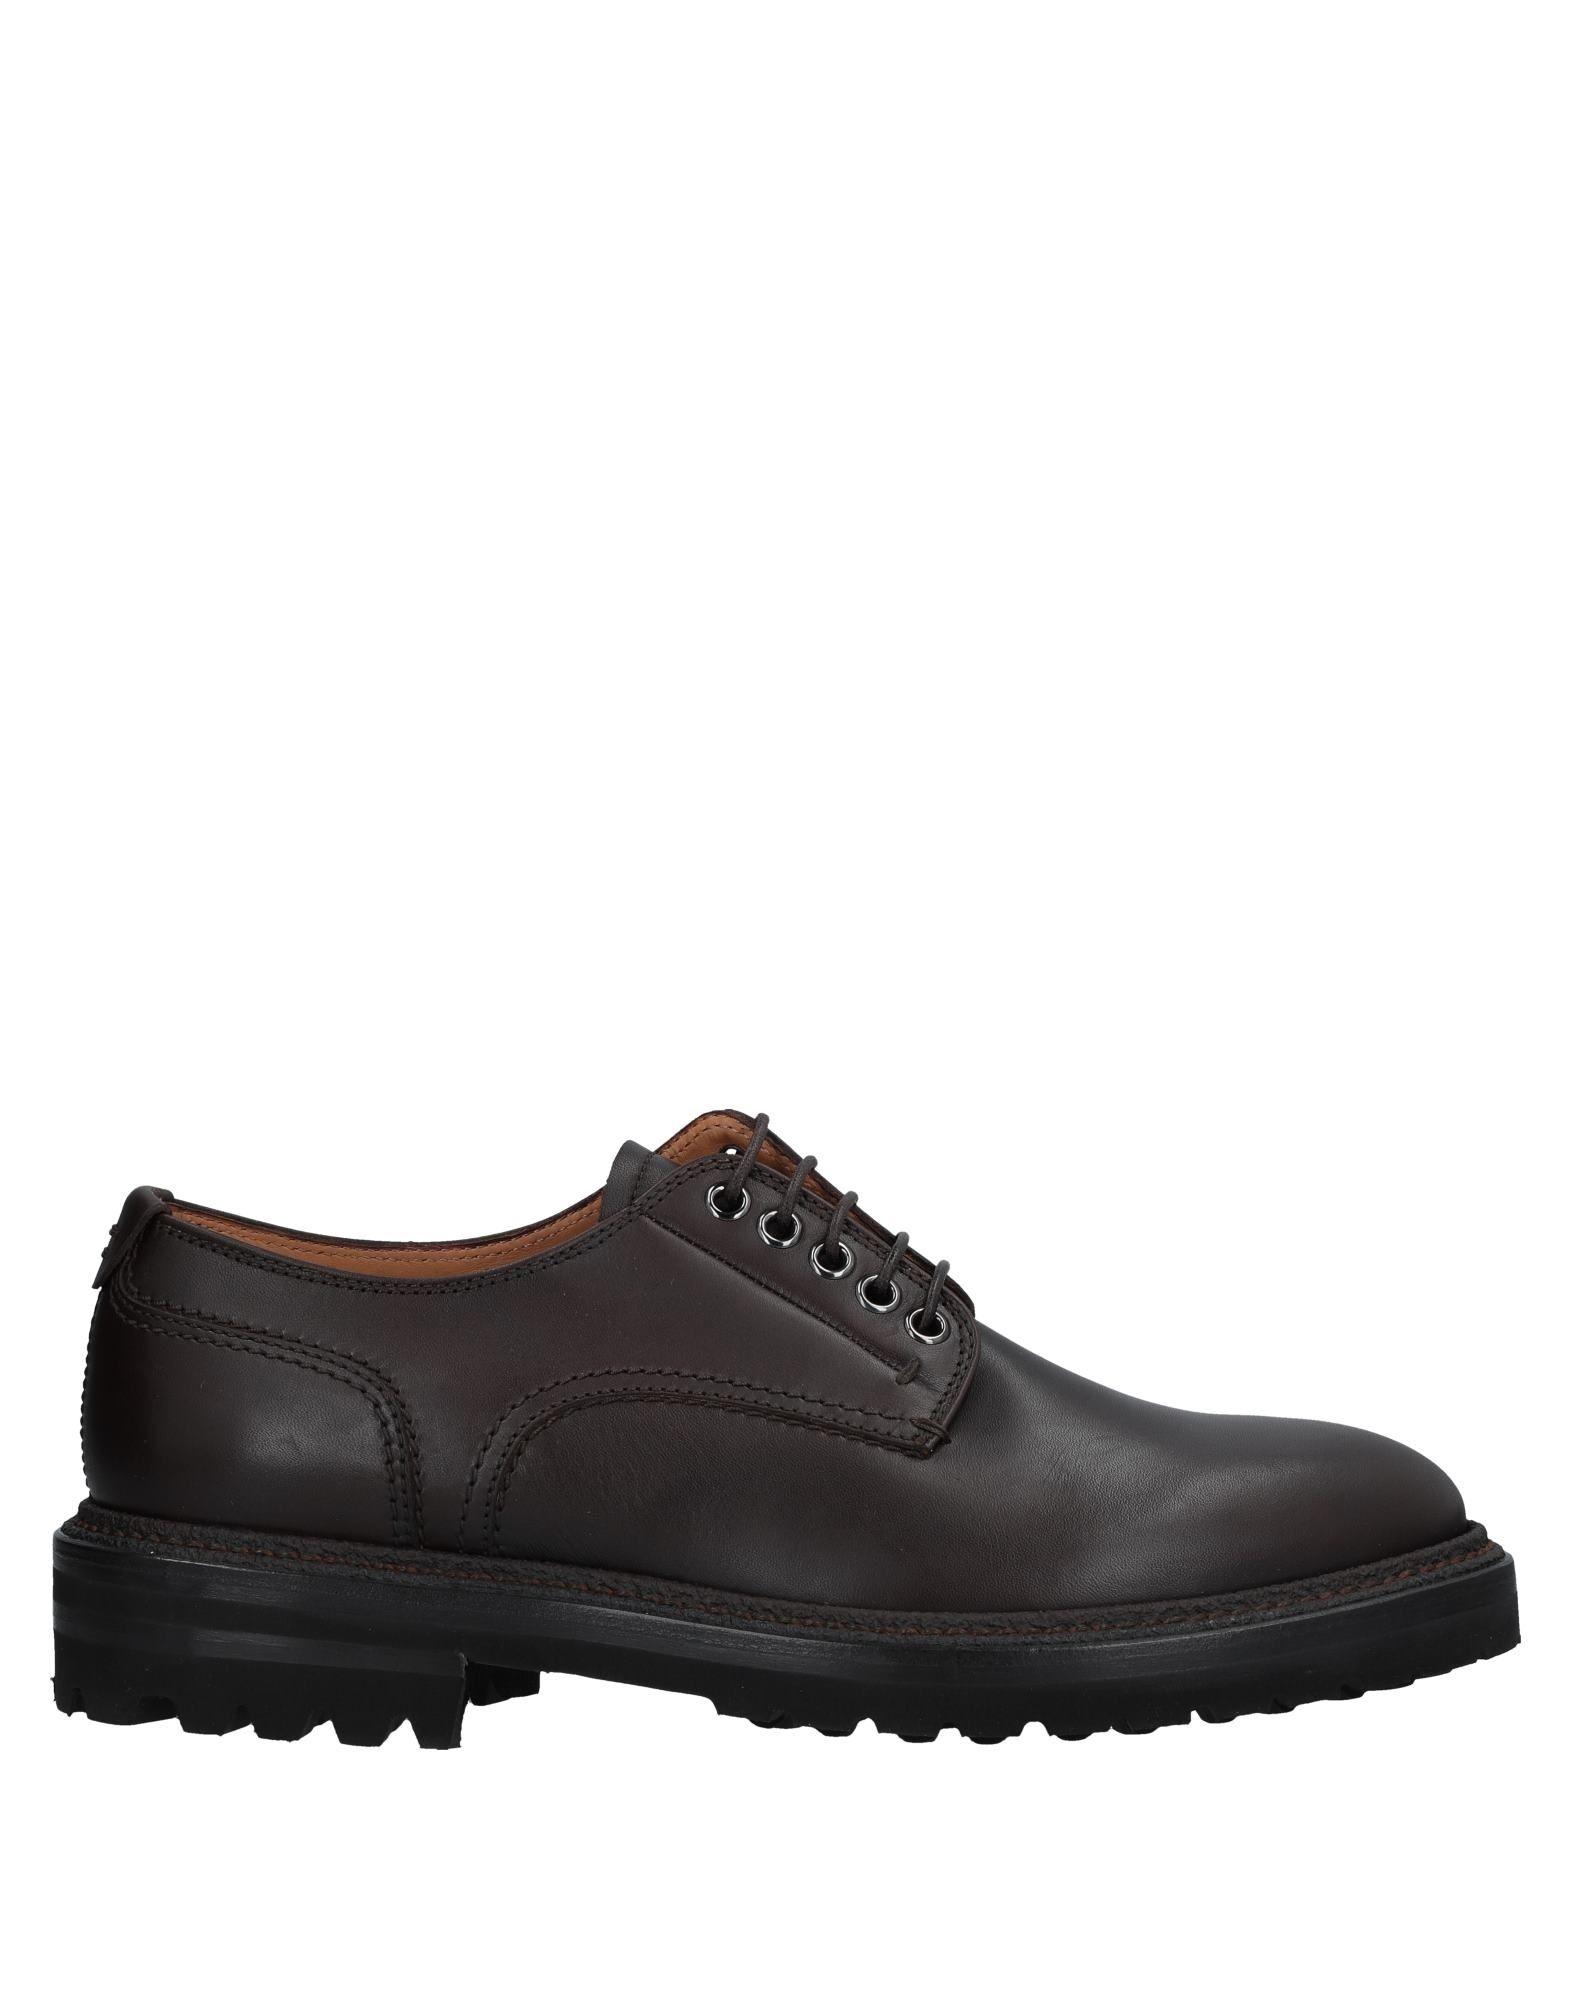 Barracuda Schnürschuhe Herren  11532124GB Gute Qualität beliebte Schuhe